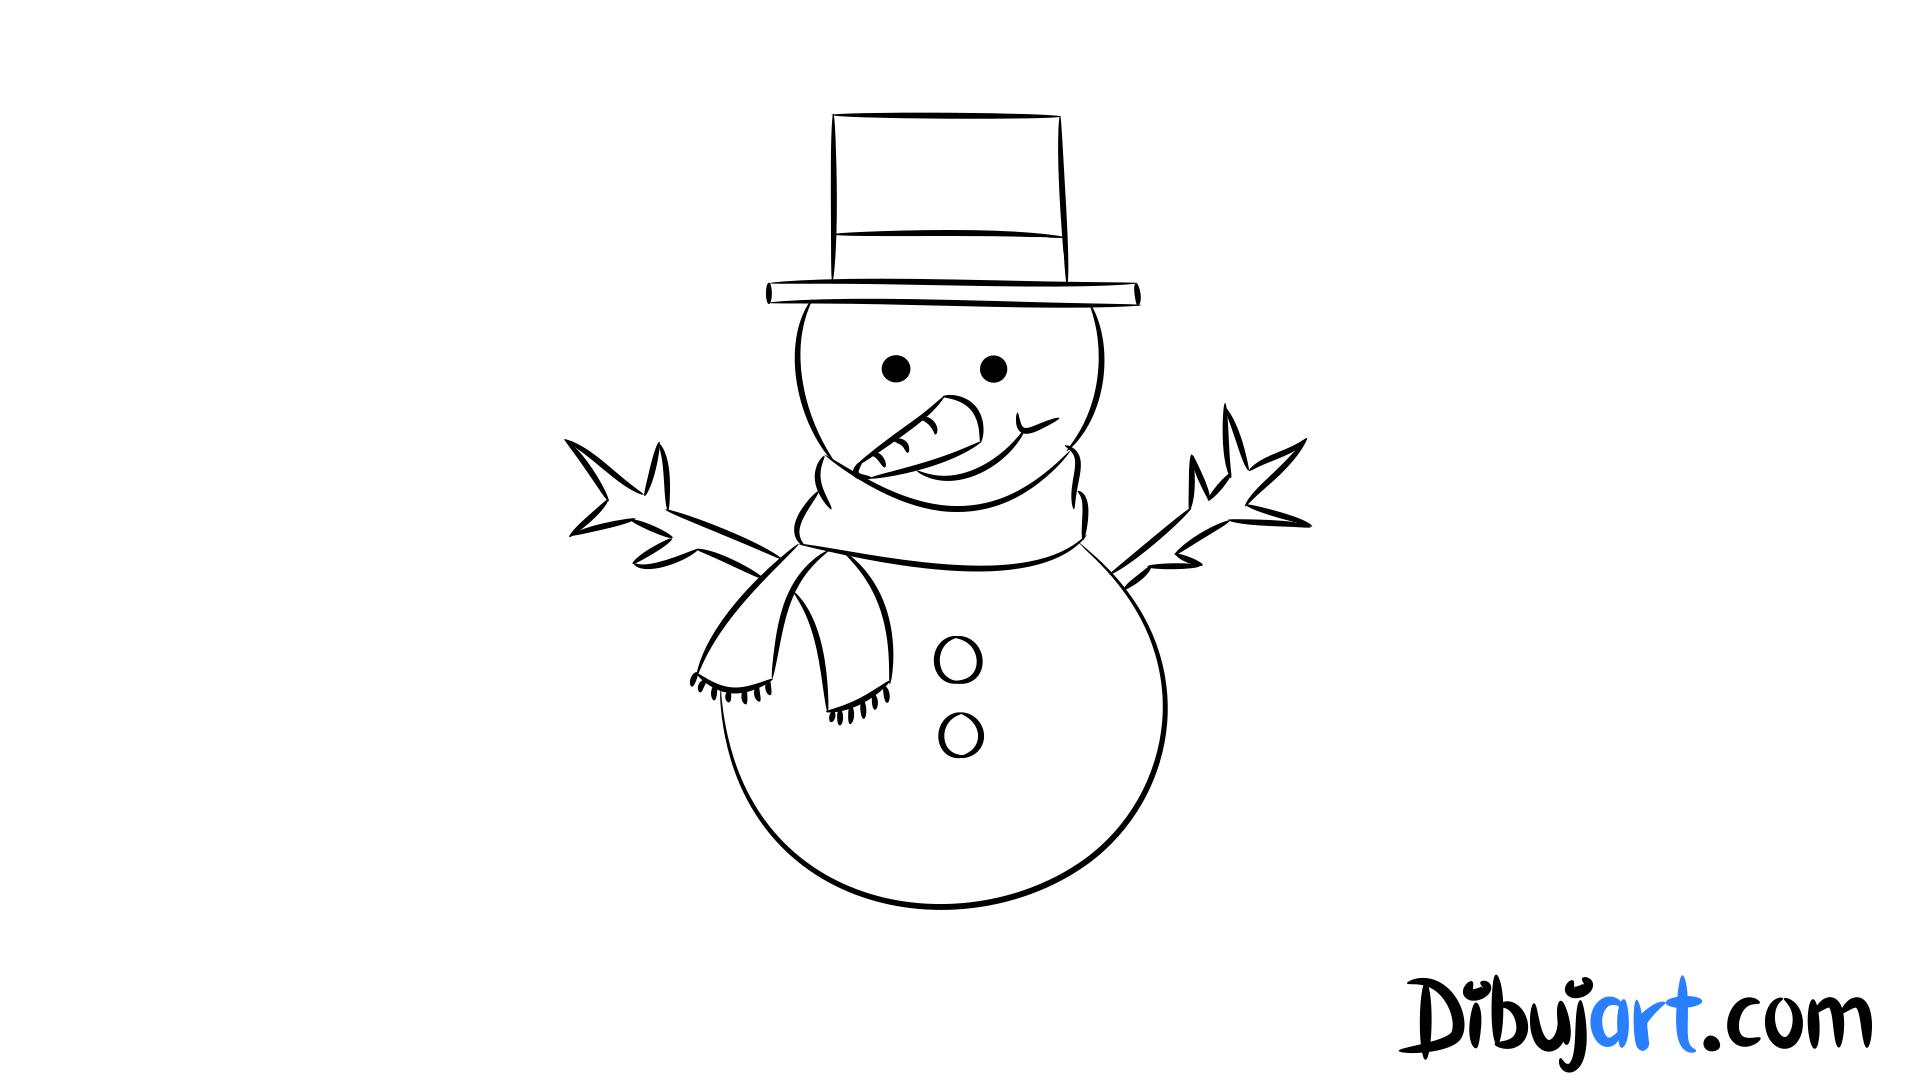 Cómo Dibujar Un Muñeco De Nieve Paso A Paso Dibujartcom